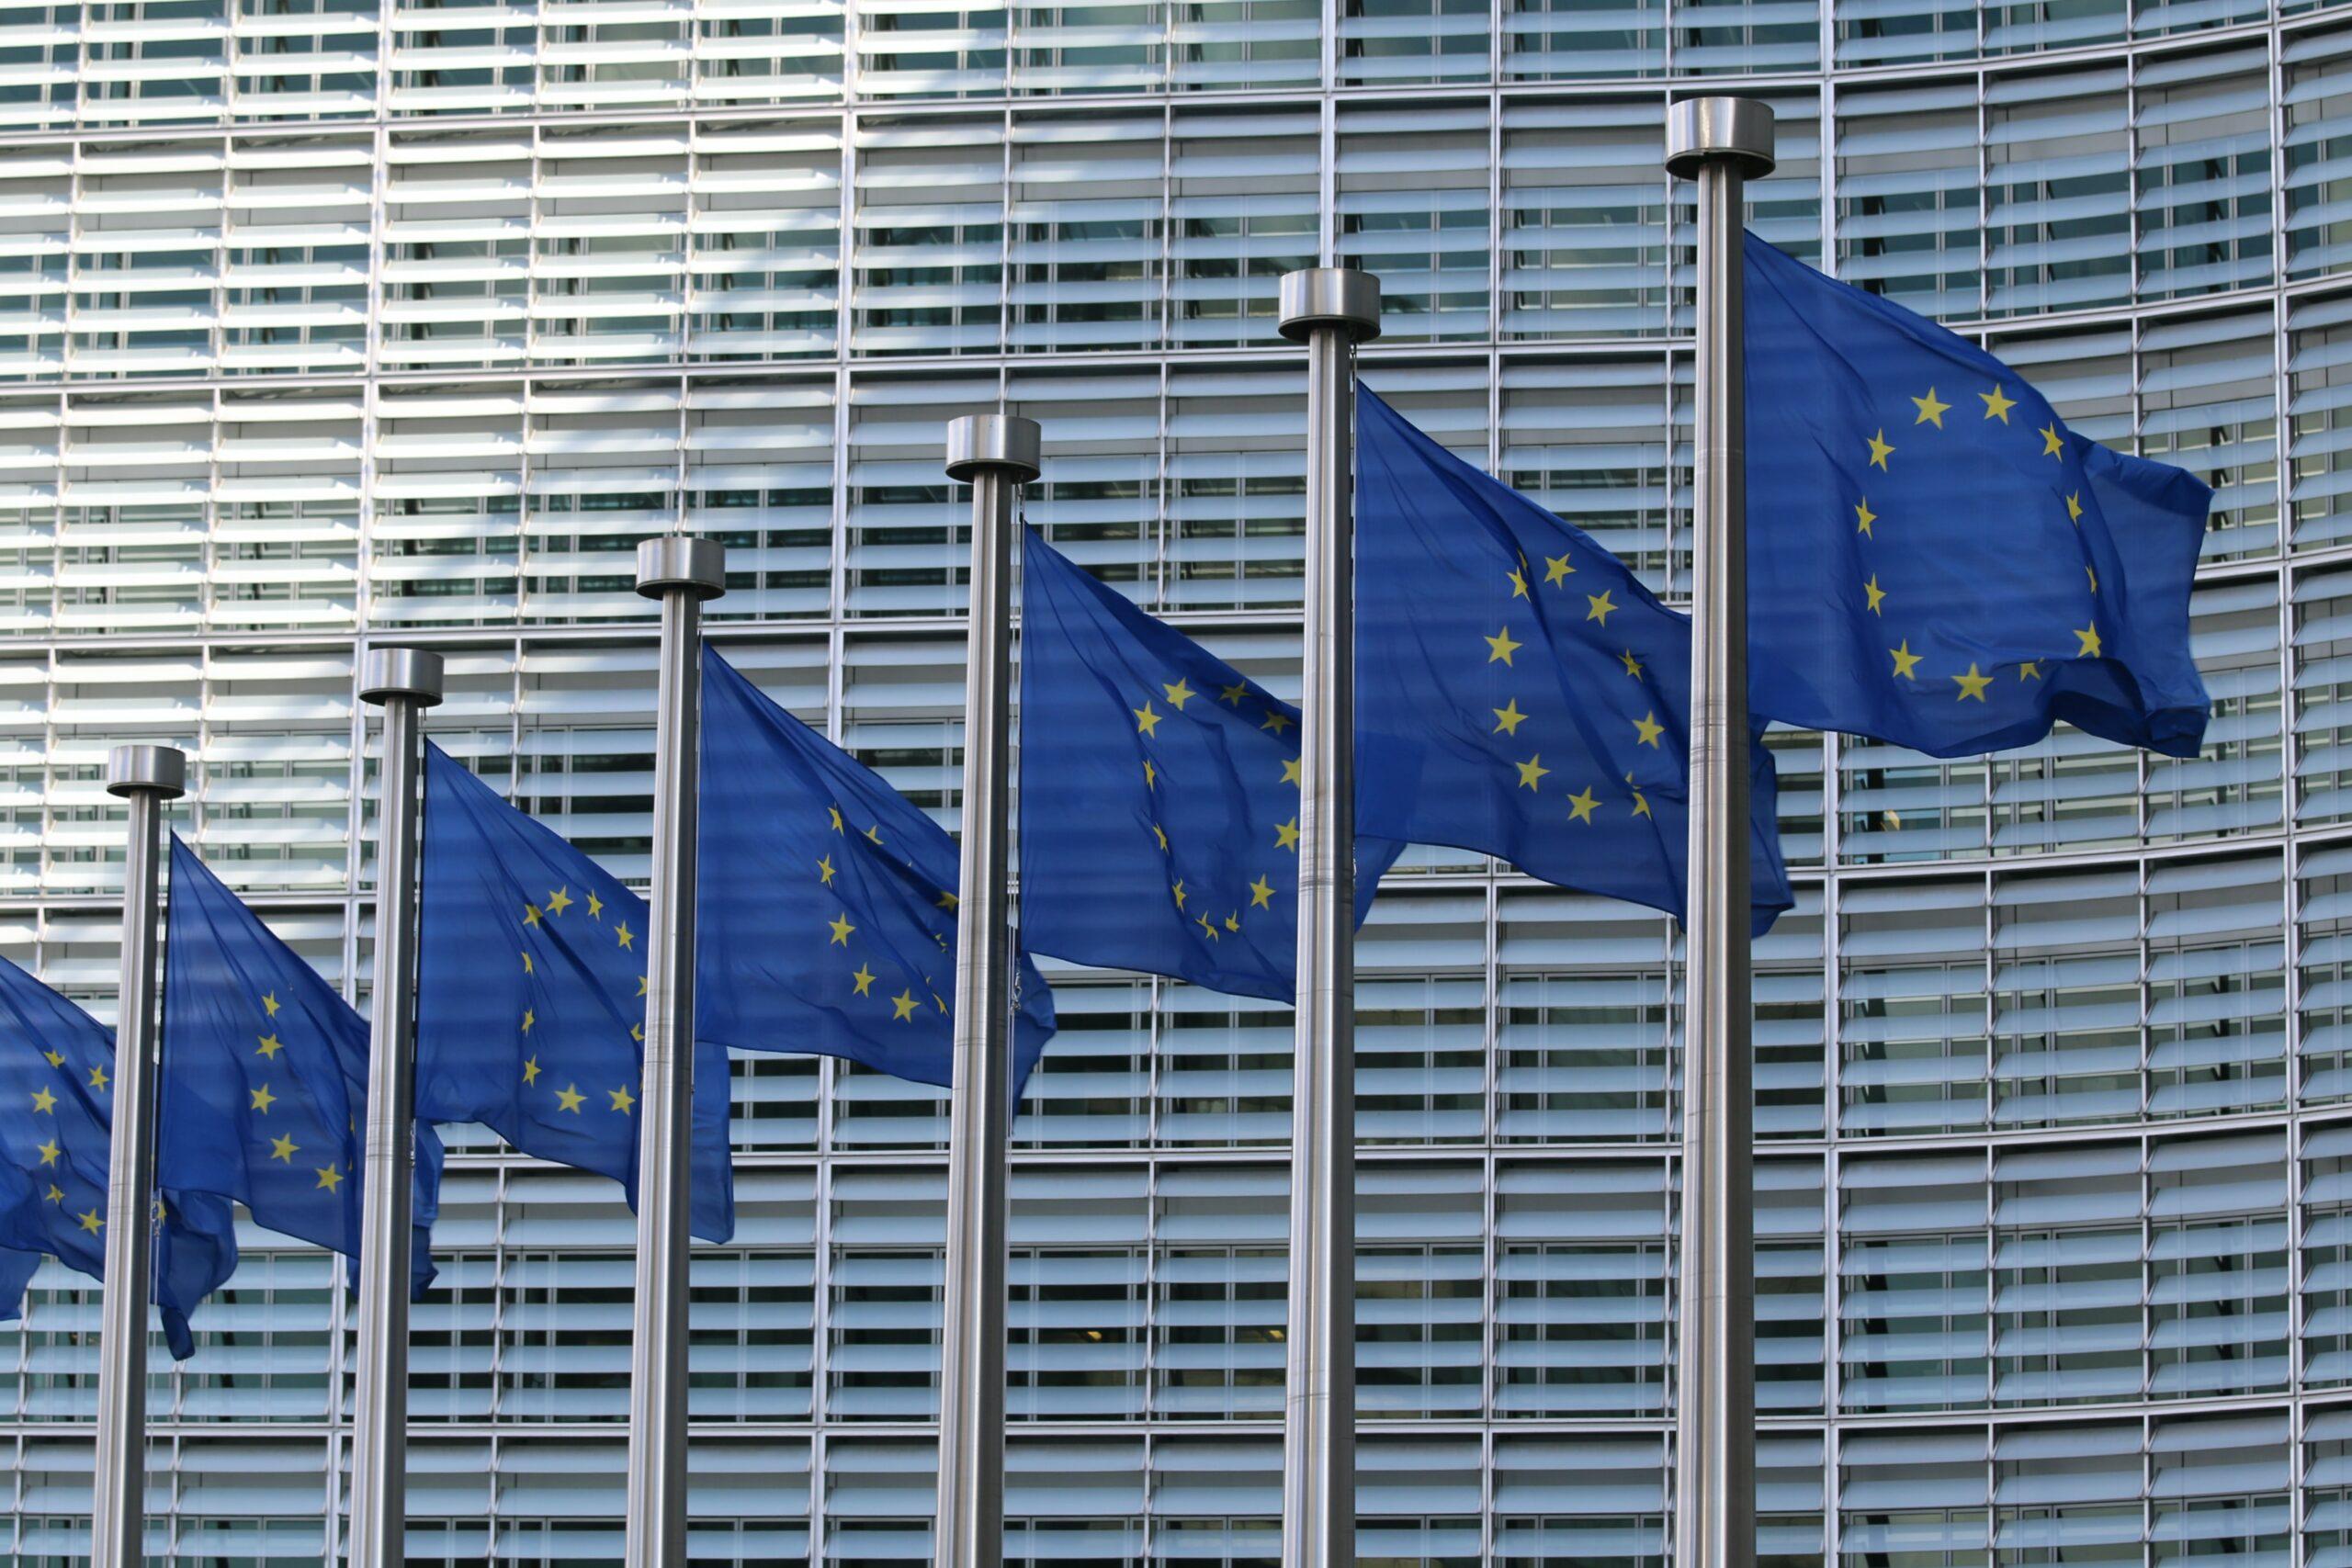 Neàpolis es presenta com a cas d'èxit en la cerca de finançament EU